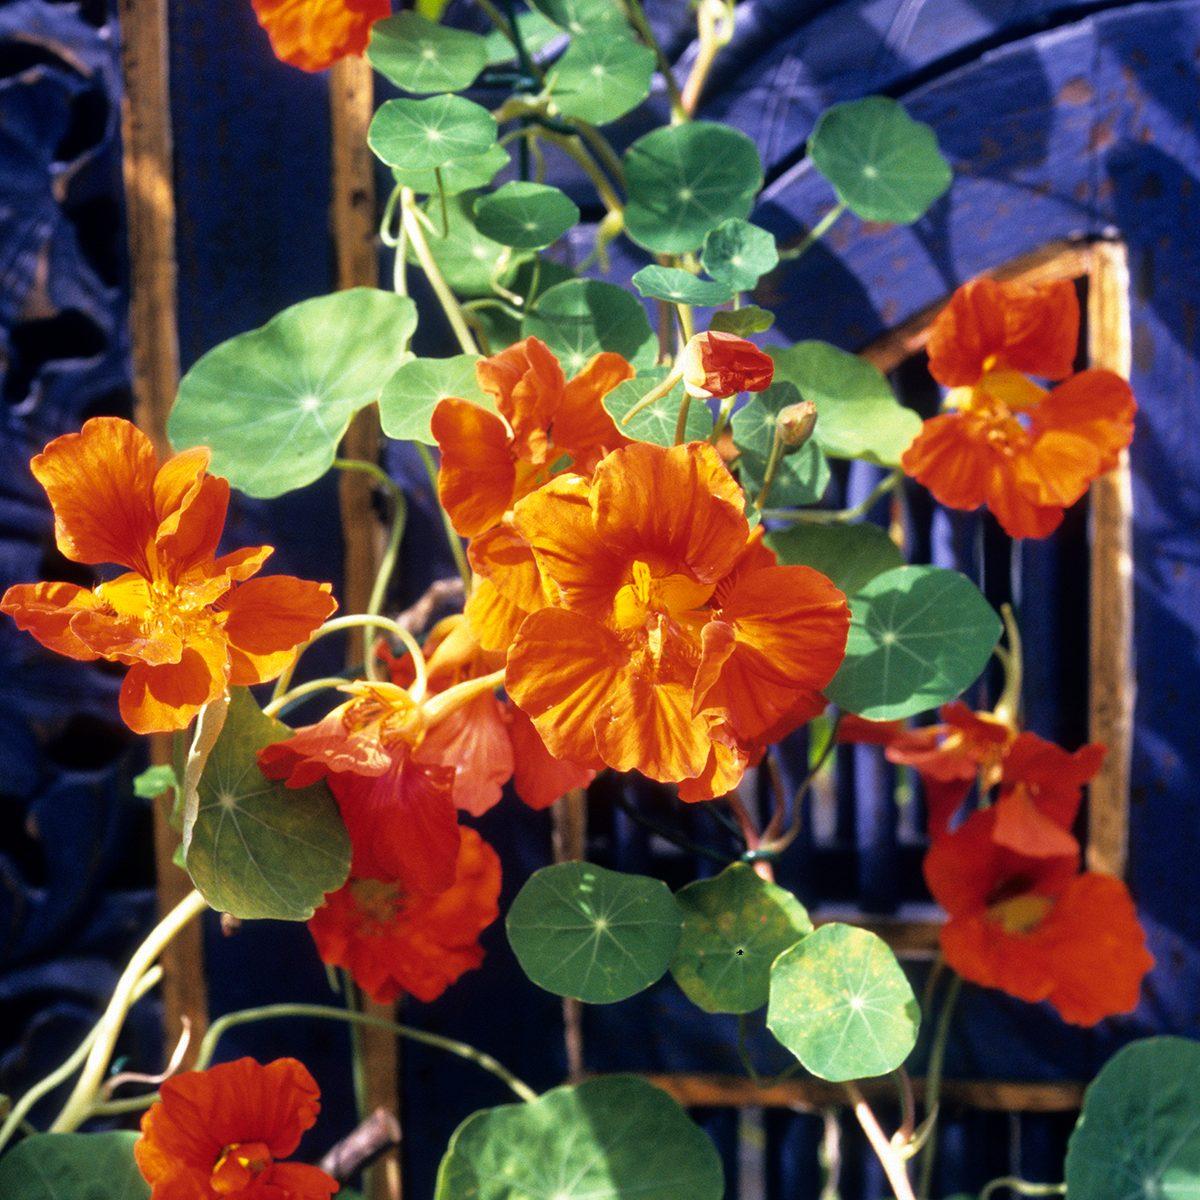 Rankende Kapuzinerkresse (Tropaeolum majus) mit orangen Bl